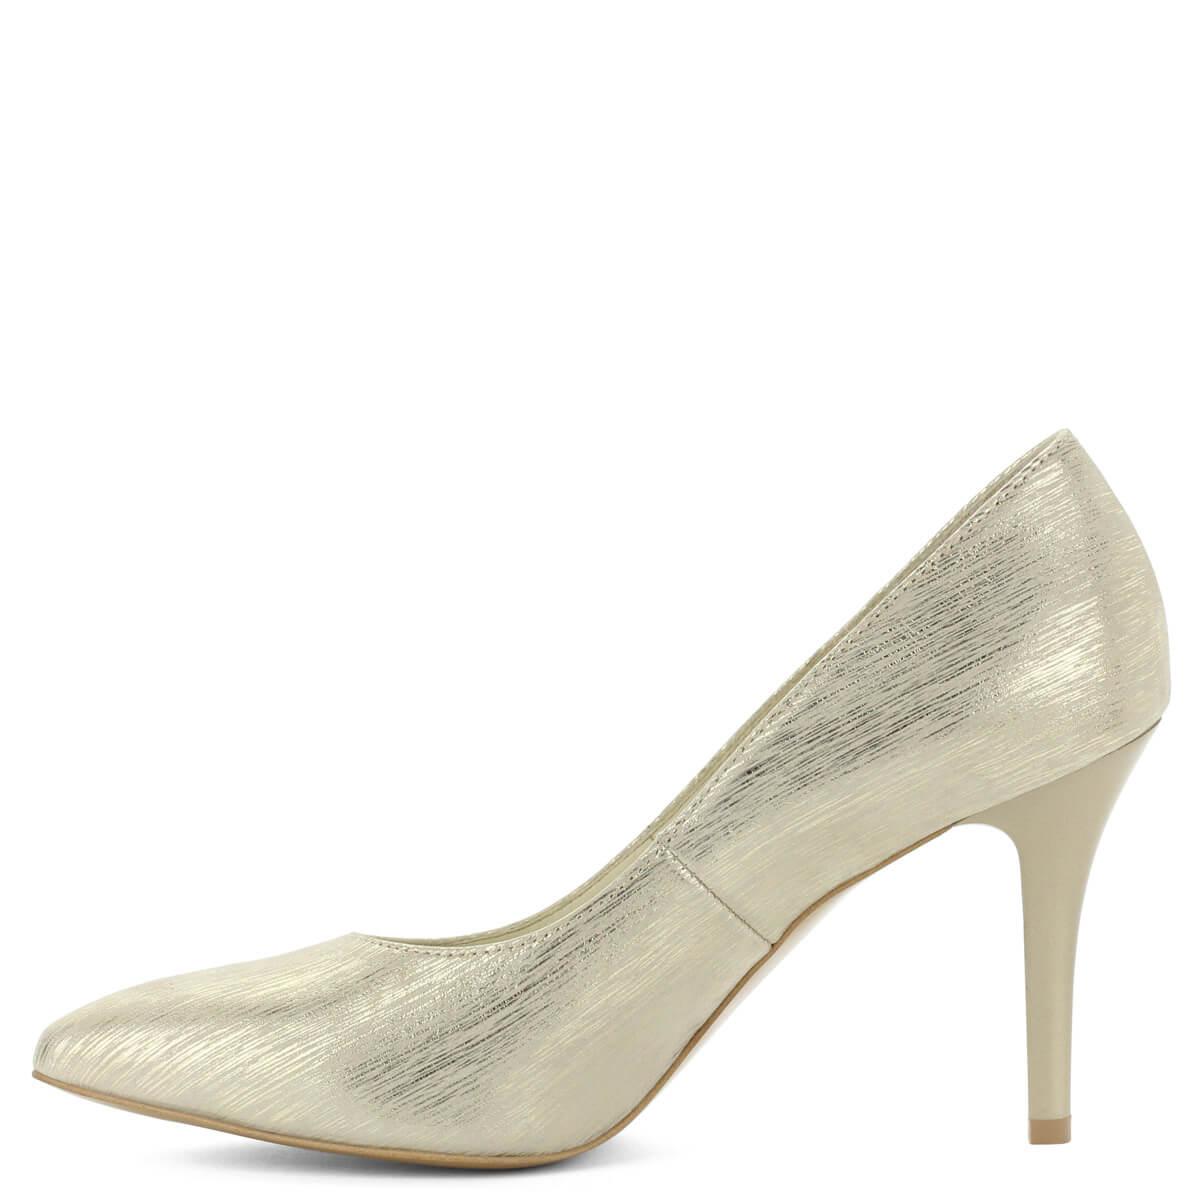 ... Hegyes orrú Anis cipő arany színben. Extra felsőrésze a  legkülönlegesebb alkalmakon is megállja a helyét 74fa96a731